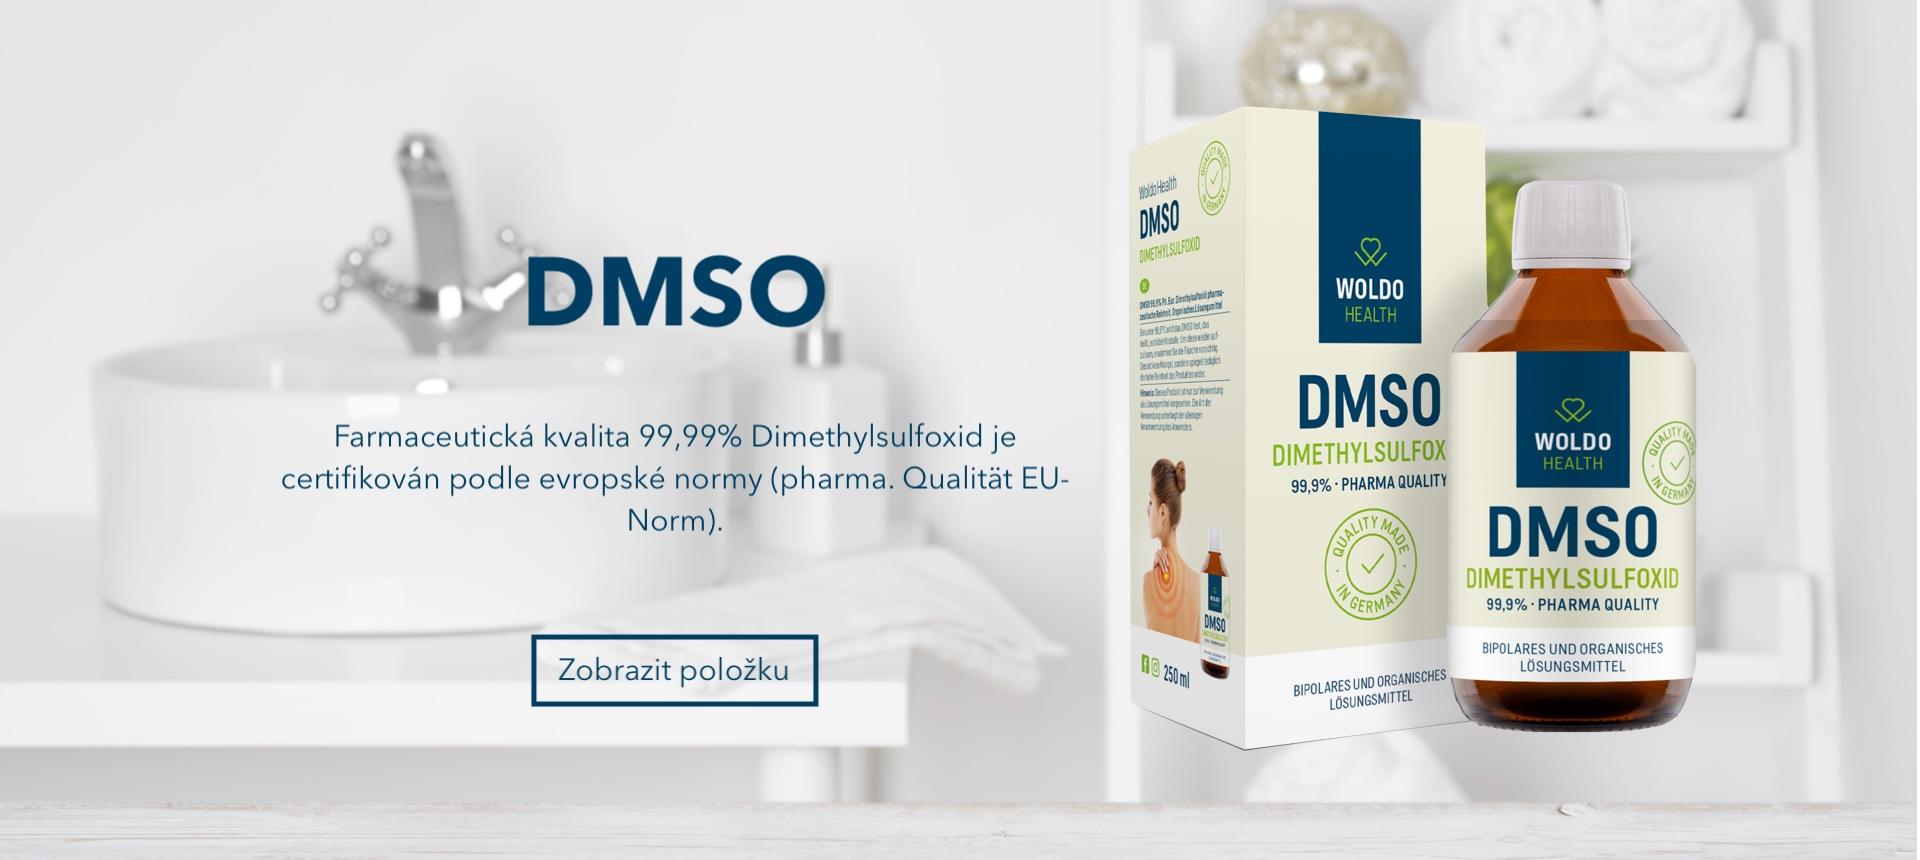 DMSO - Dimethylsulfoxid